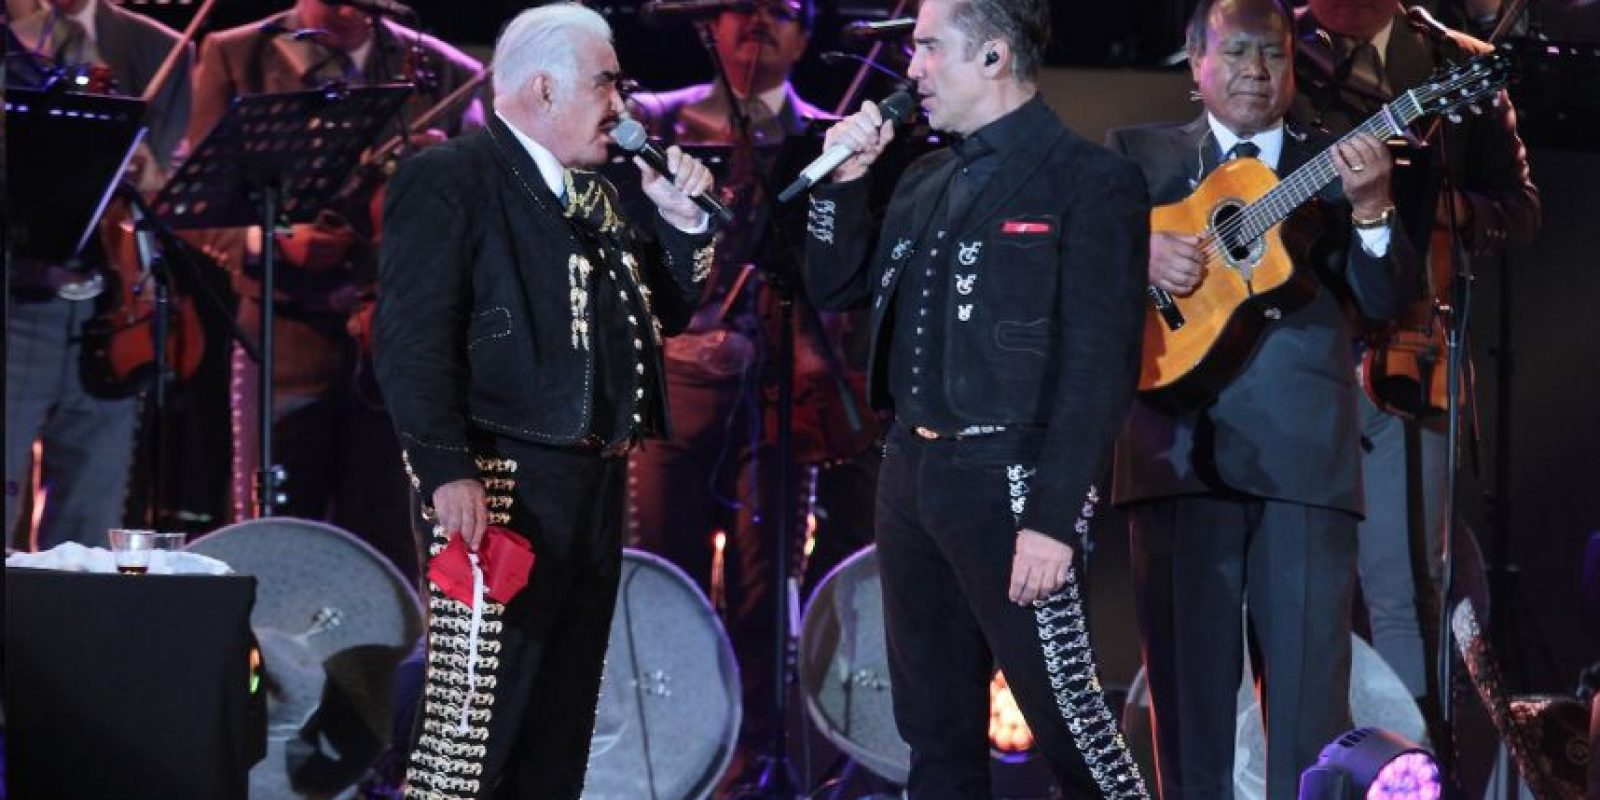 El concierto duró casi cuatro horas. Foto:Notimex